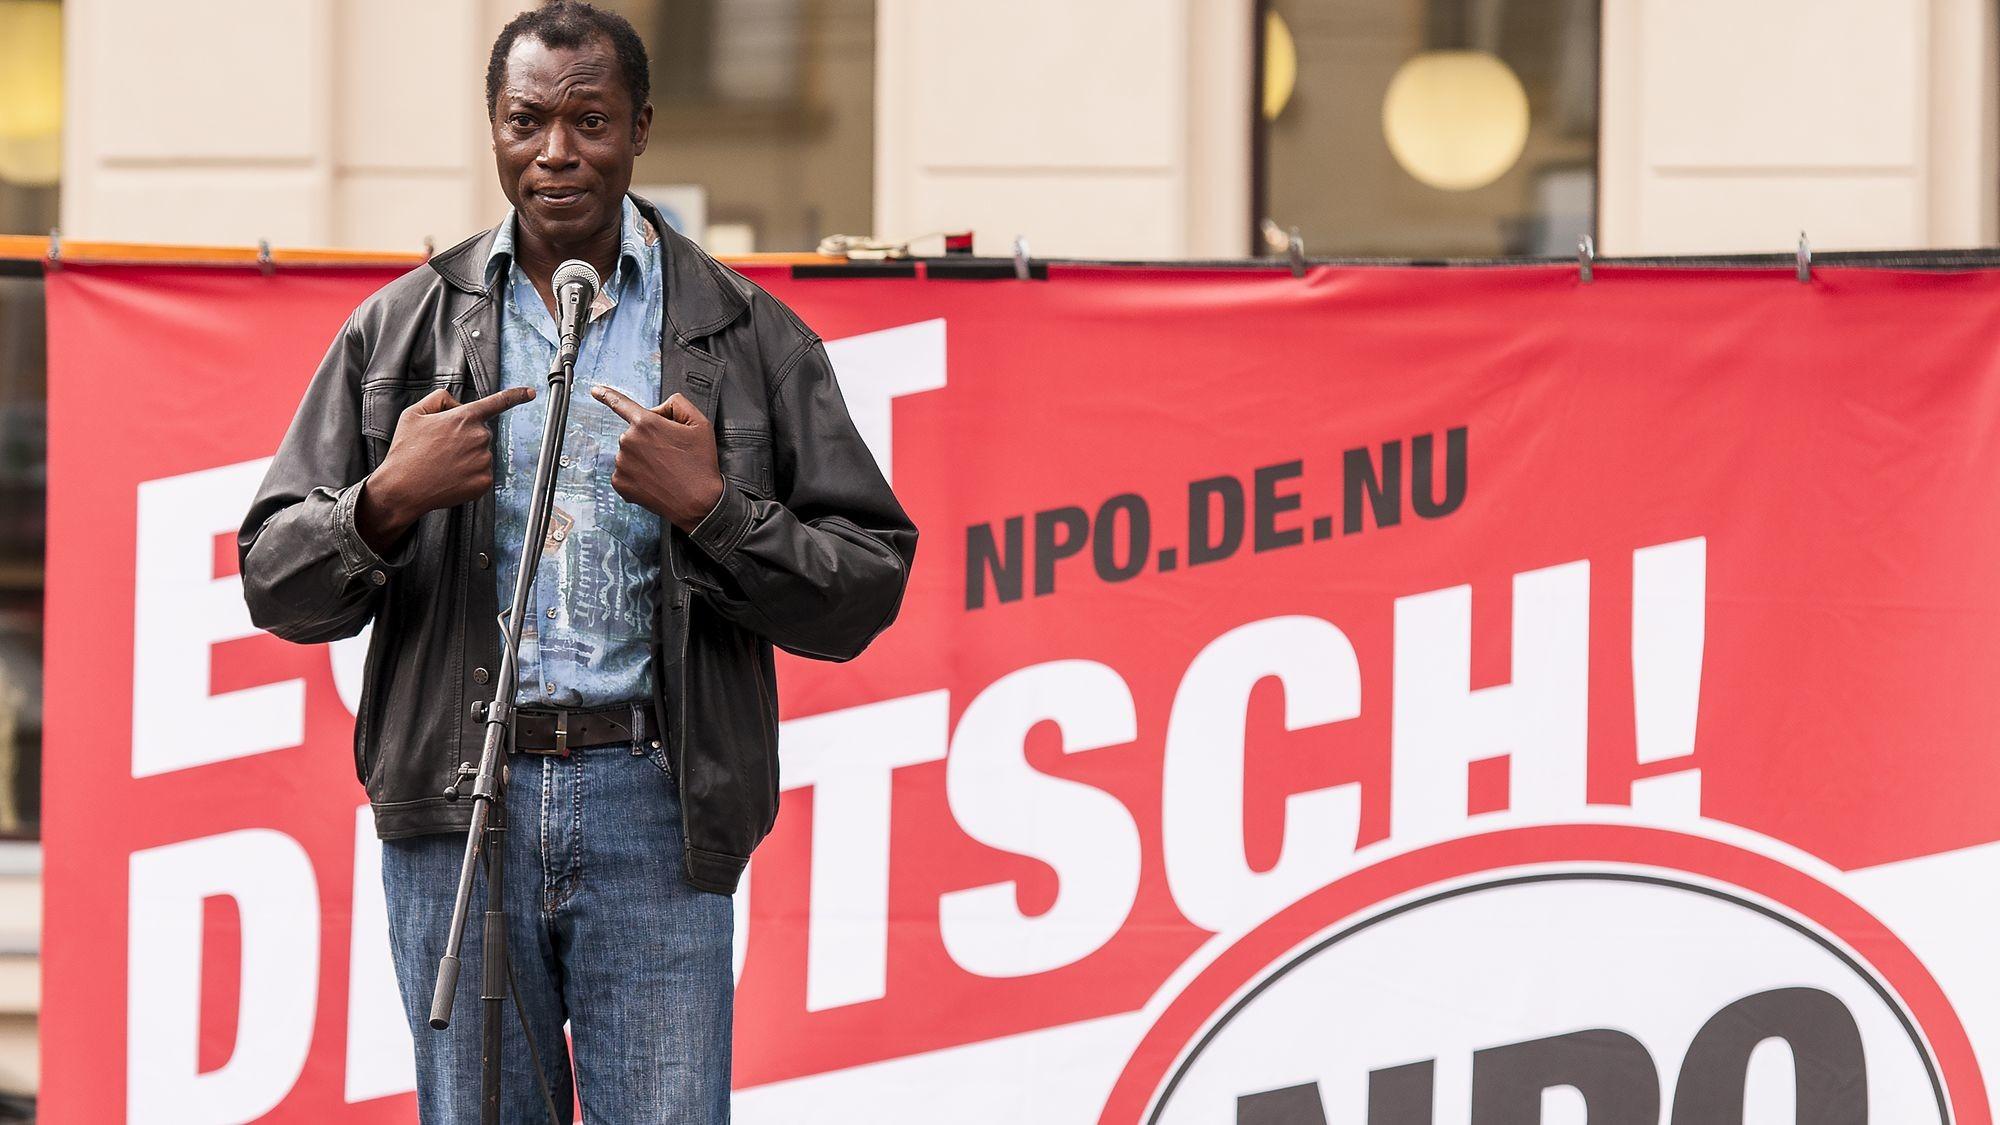 Der Hauptdarsteller Aloysius Itoka - Foto: PR/Patrick Meischner